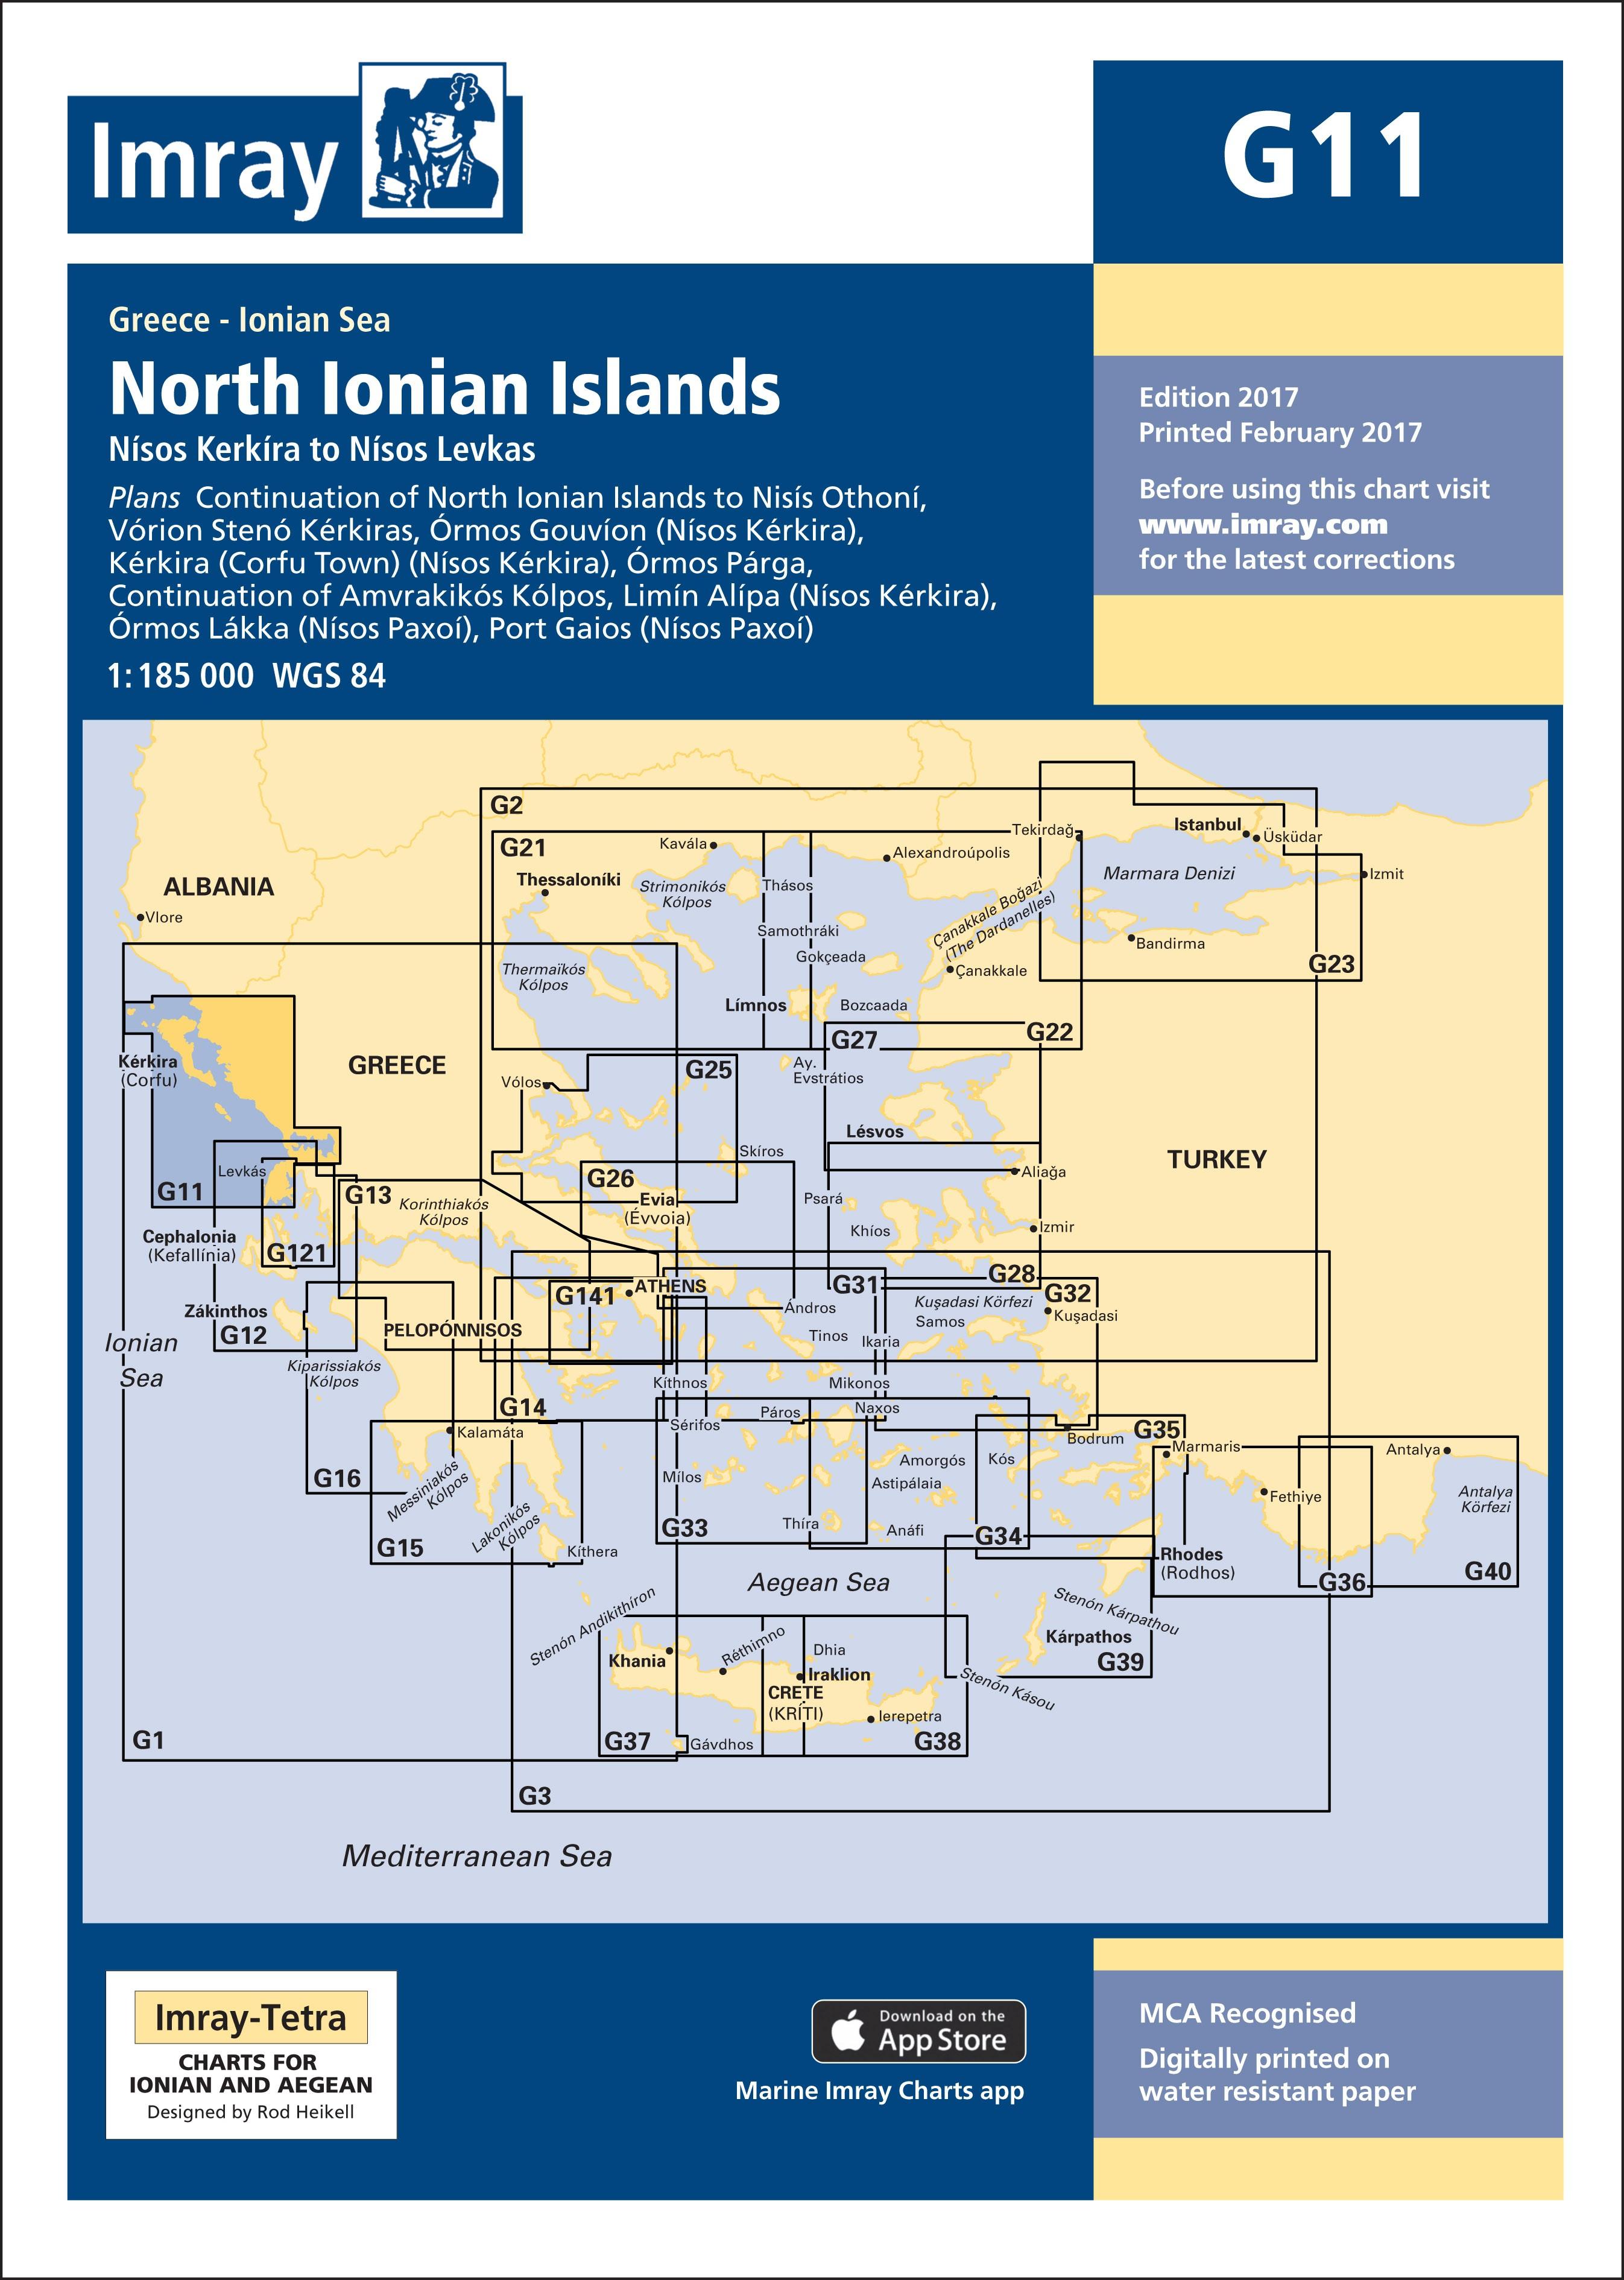 33.53 - Ναυτικός Χάρτης IMRAY ICG11-1 Βόρεια Επτάνησα